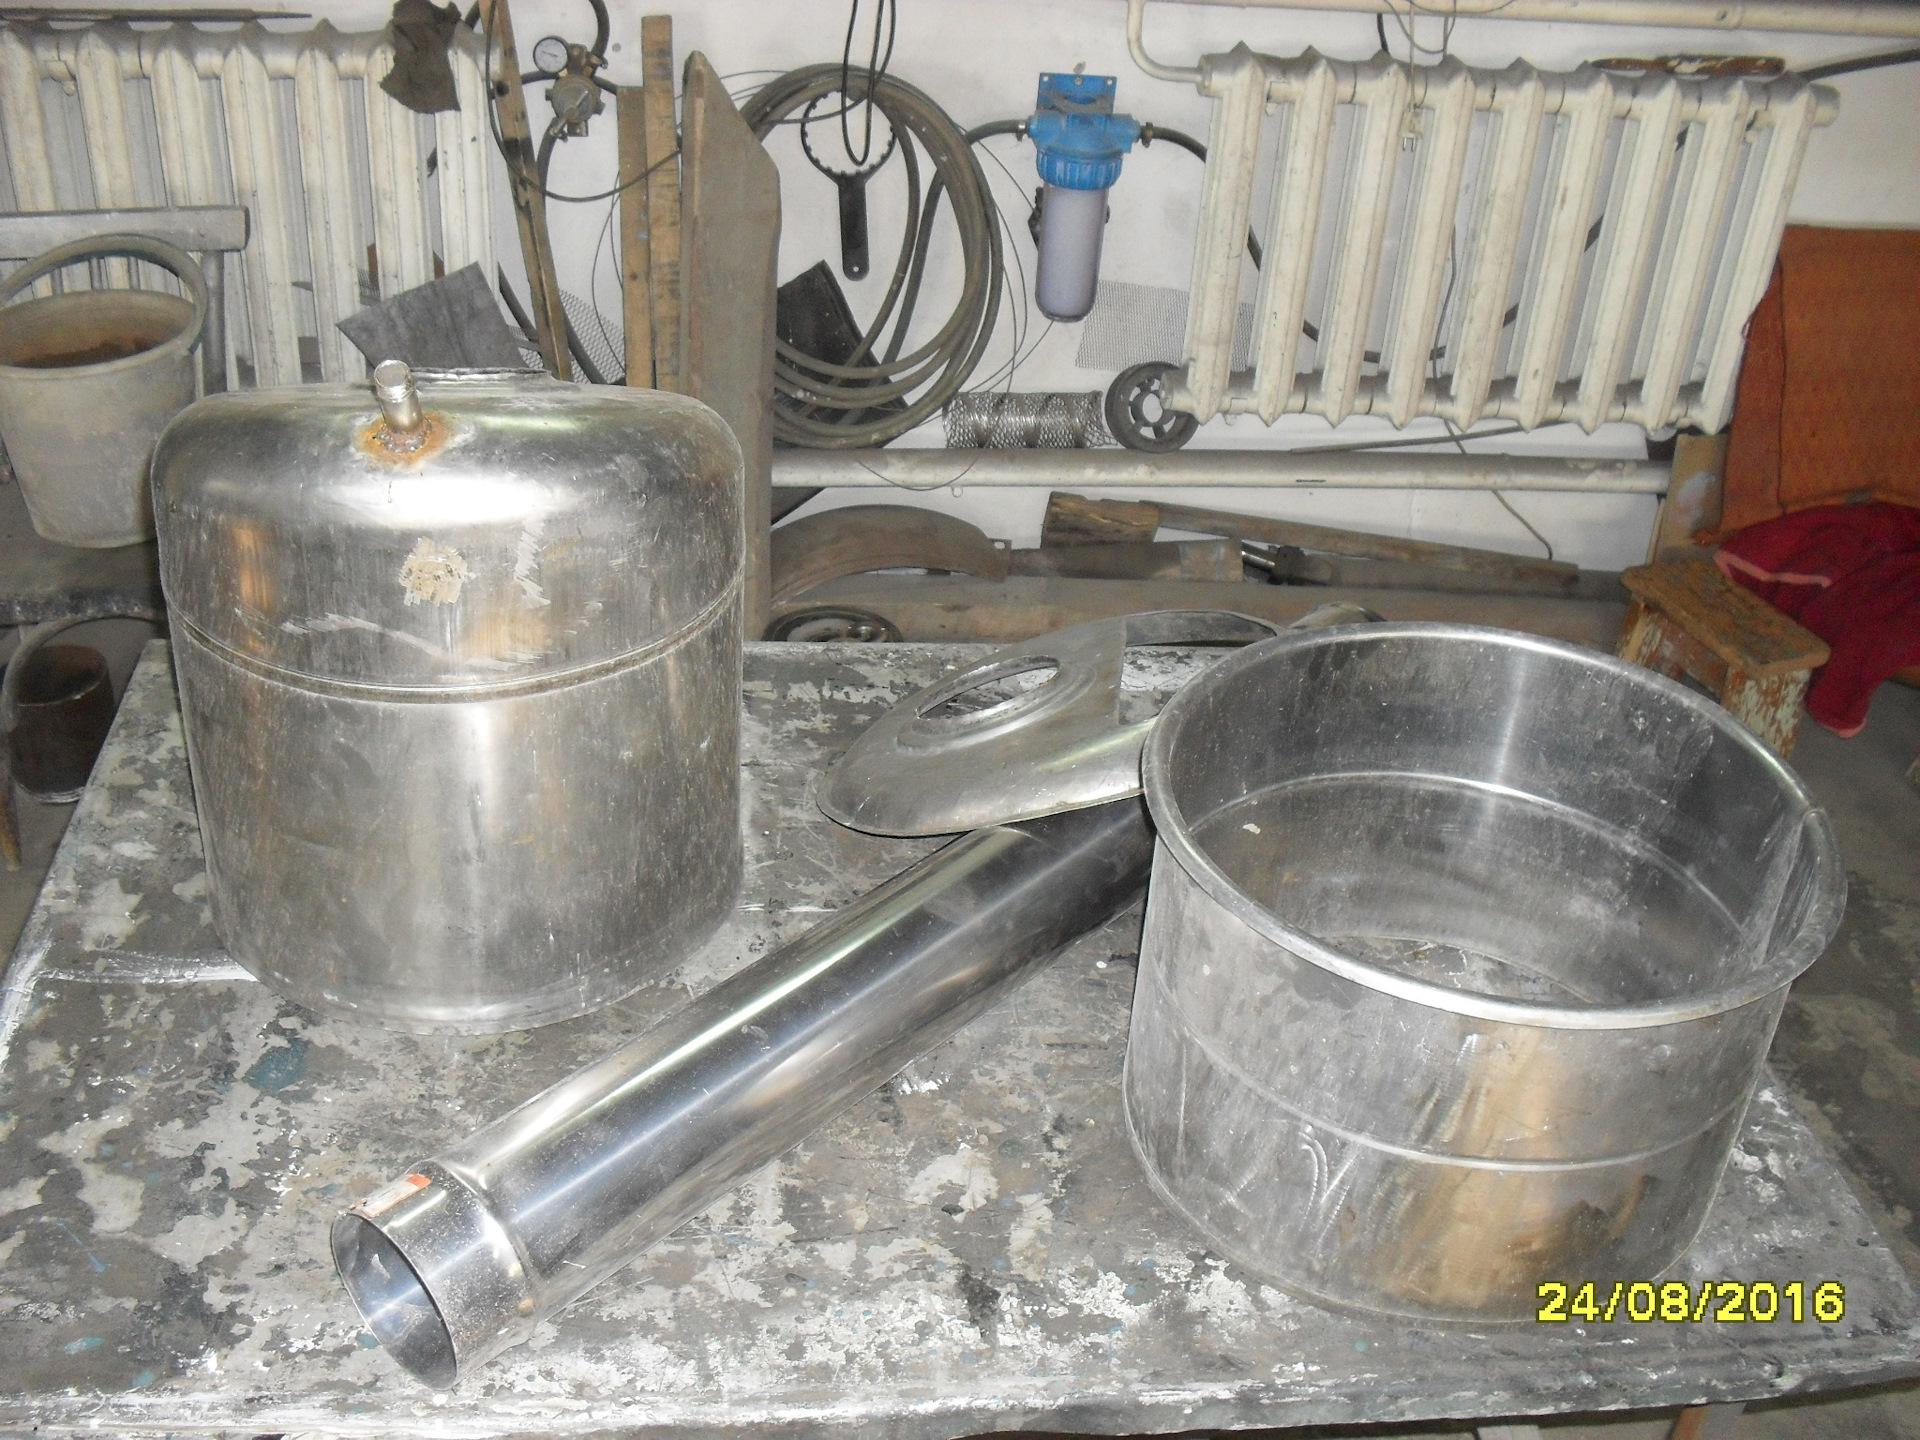 Теплообменник для бани - подключение и установка: как сделать, установить и подключить рекуператор в банной печи